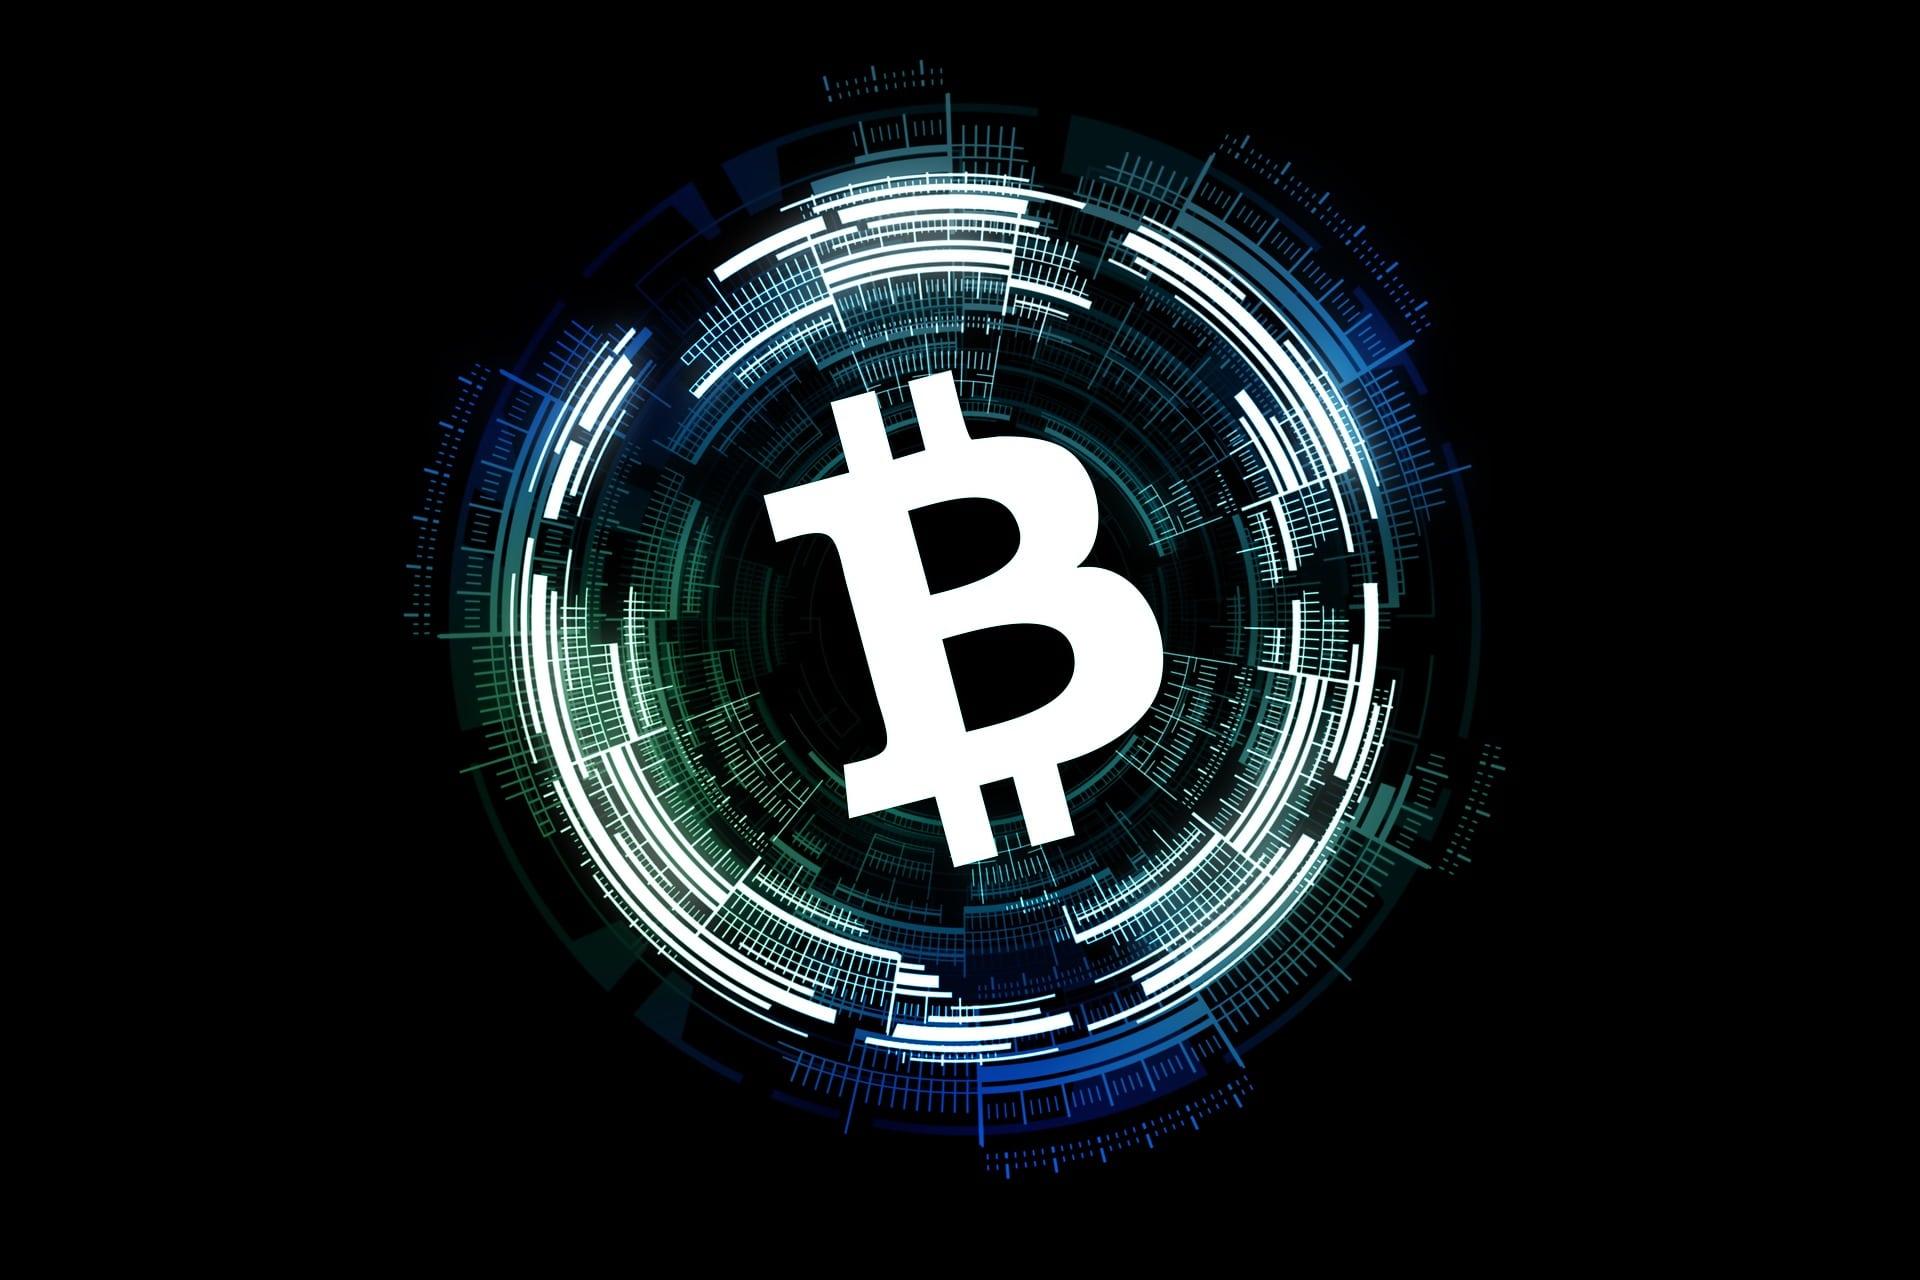 Investere i bitcoin?